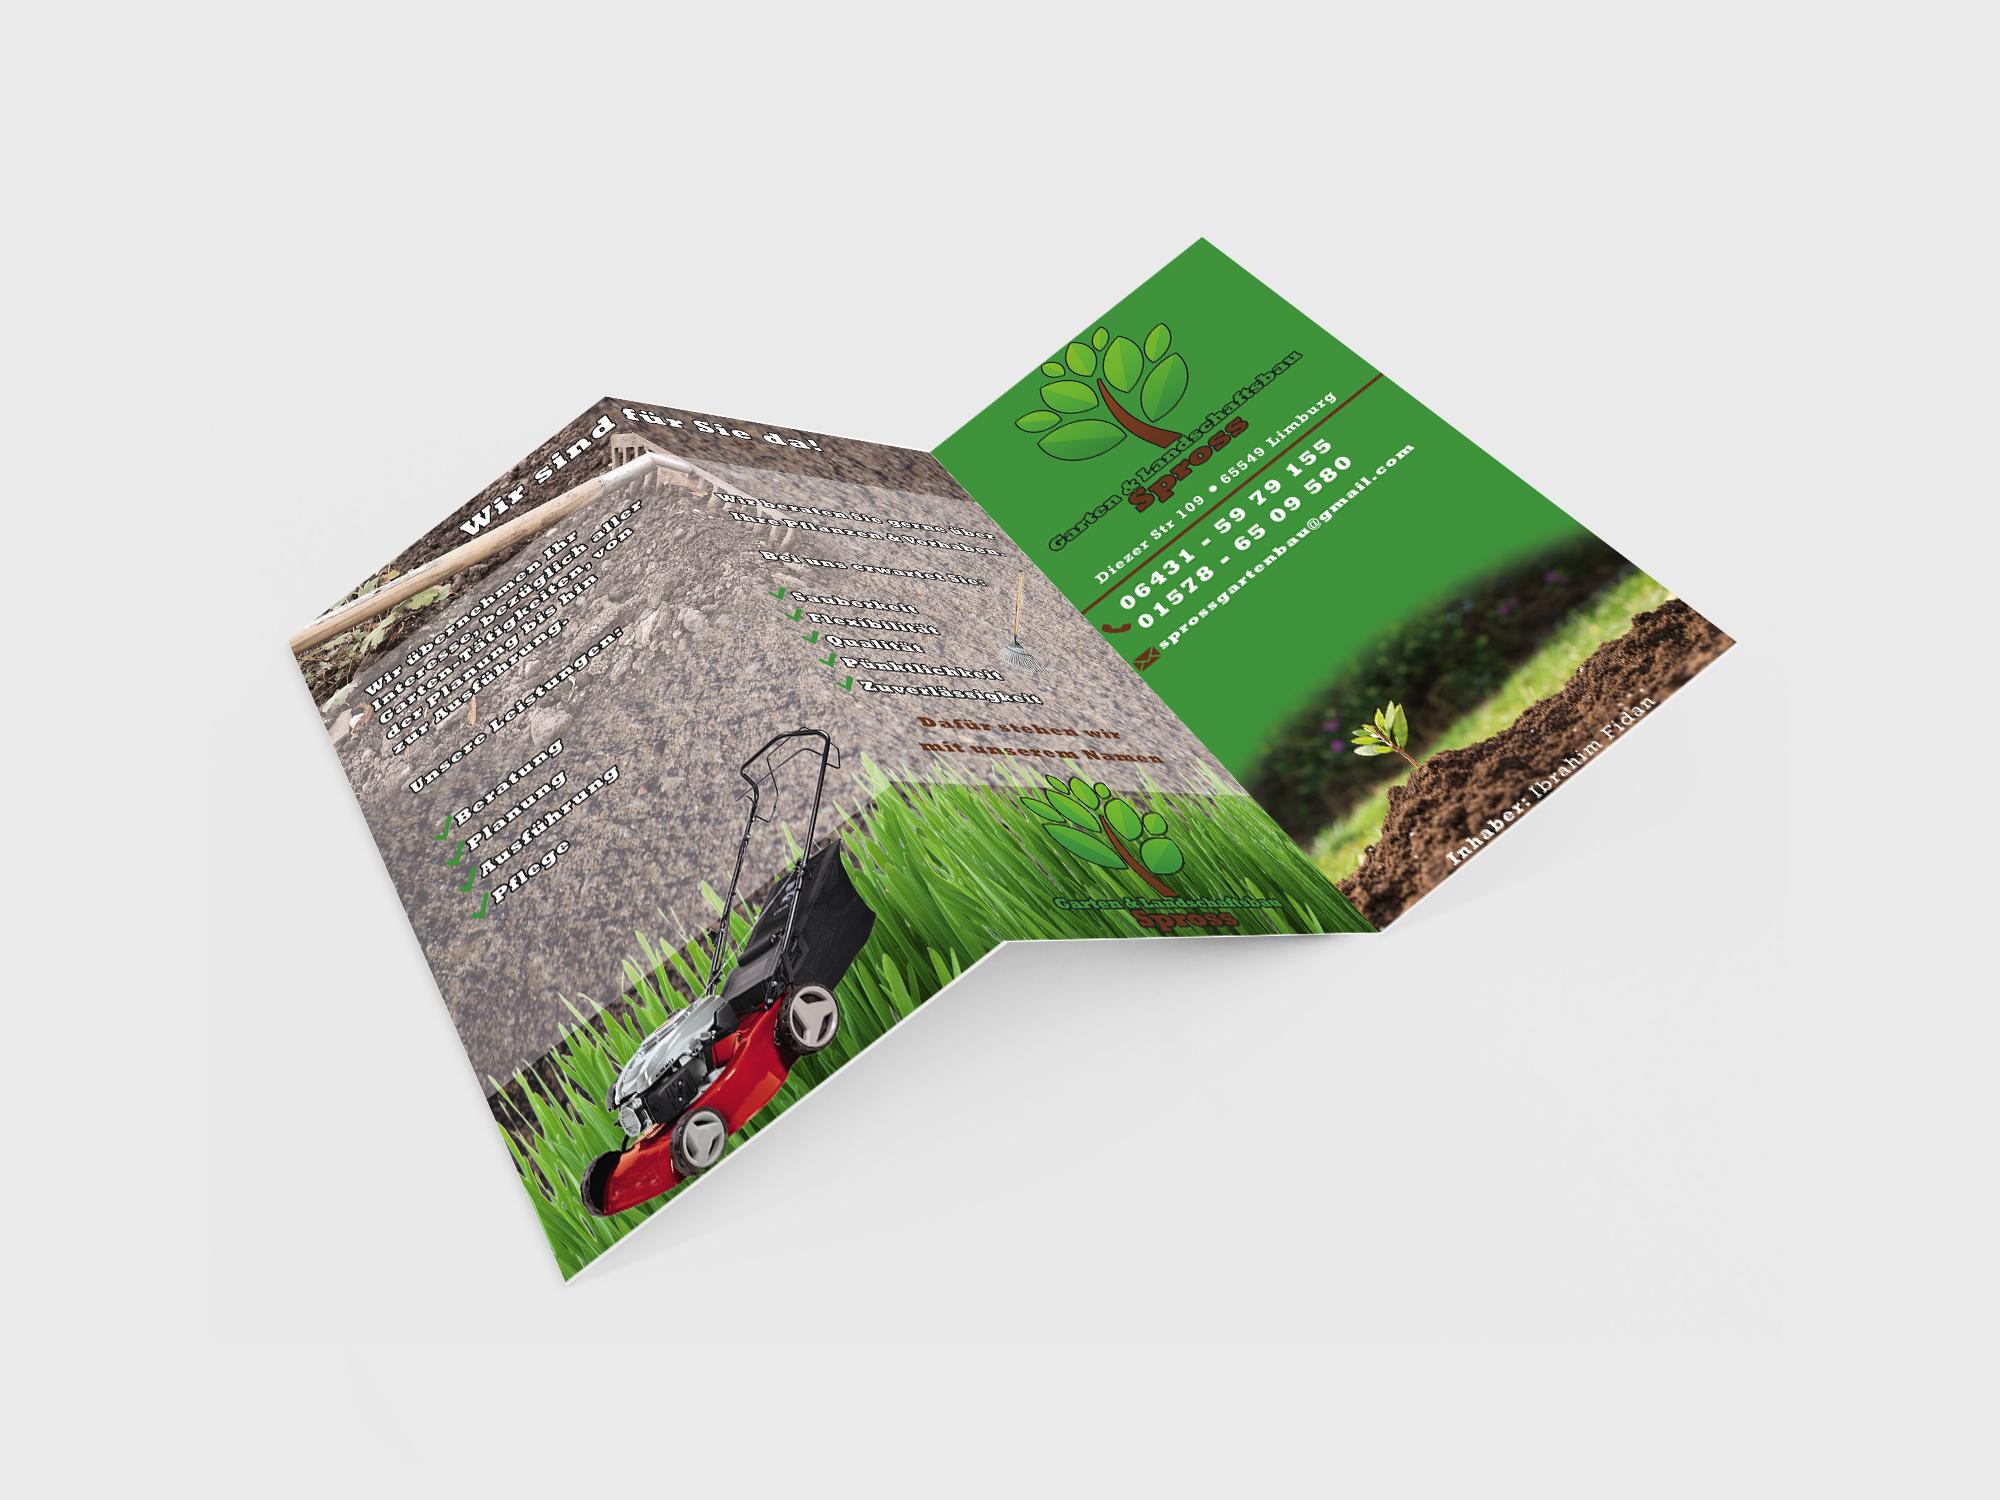 Garten und landschaftsbau limburg glb spross spross for Garten landschaftsbau